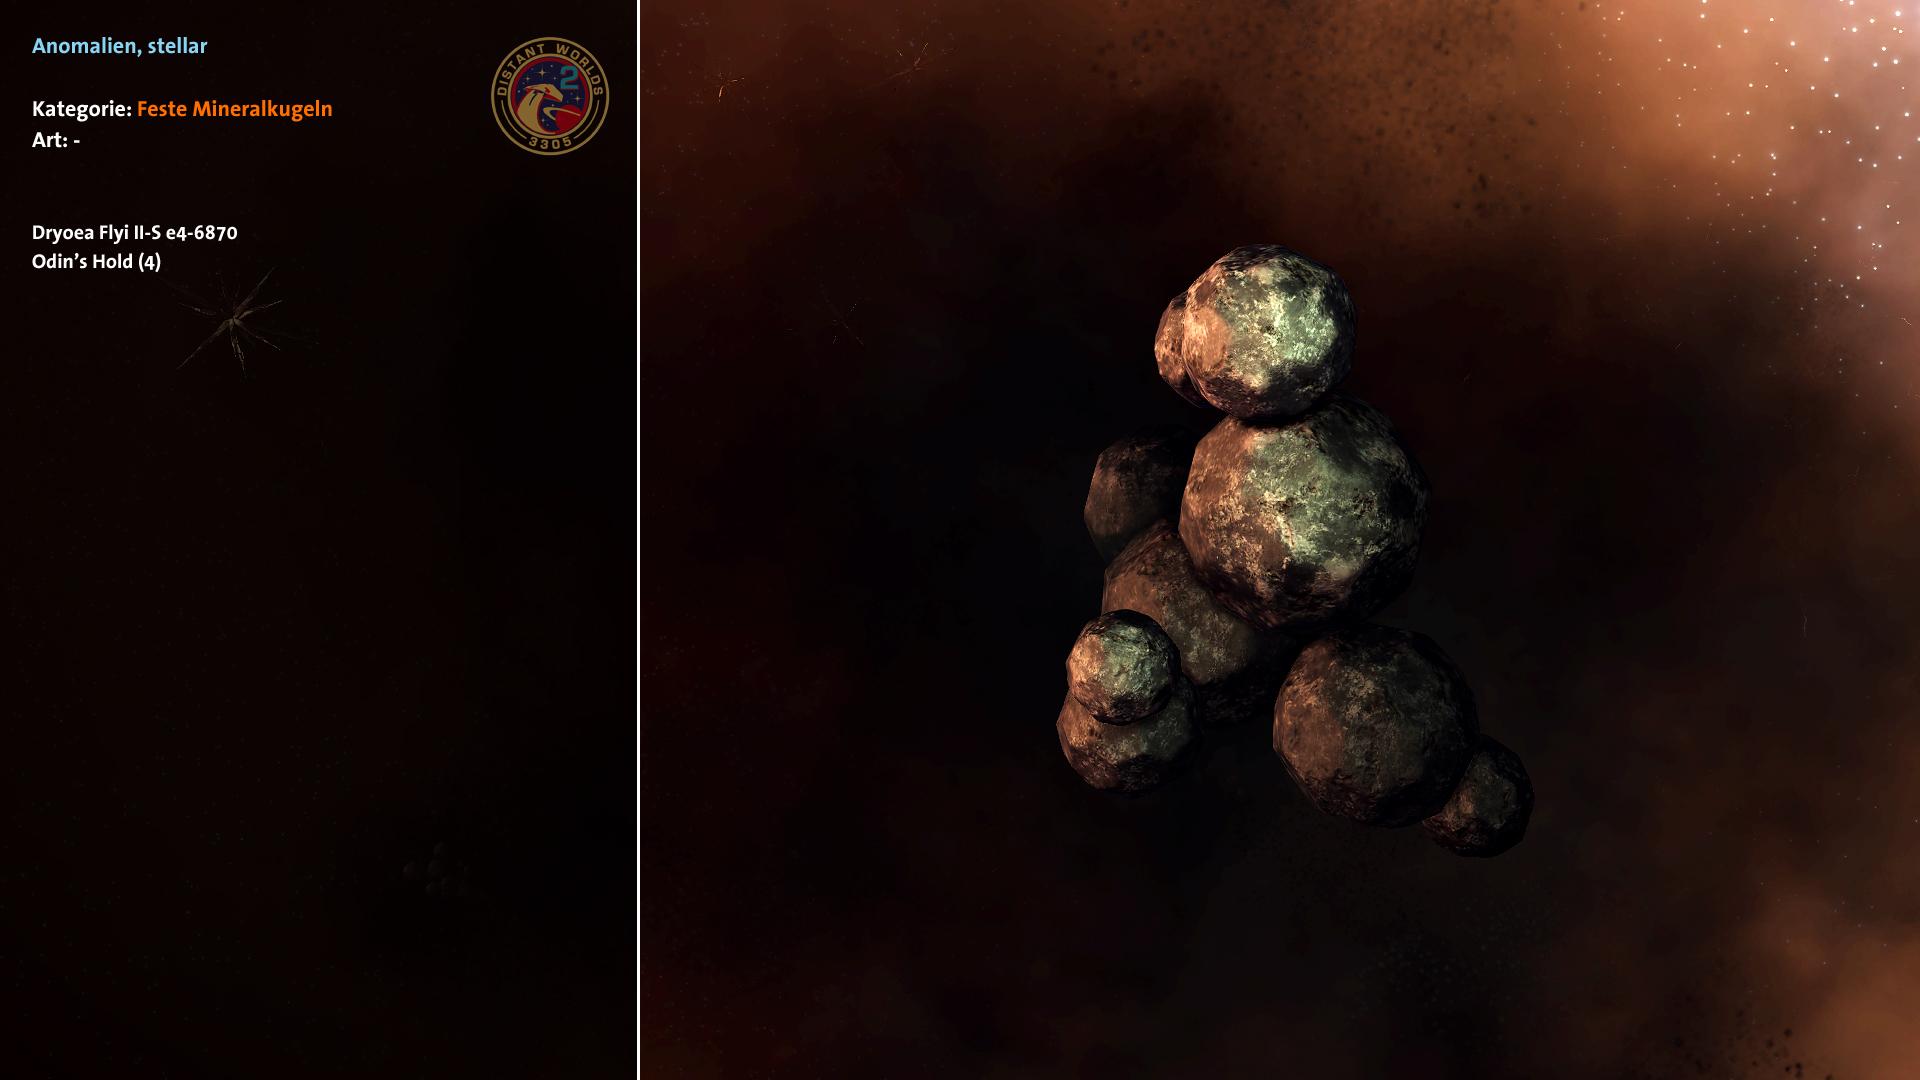 dw2-05-026-biostellar8vjkn.jpg